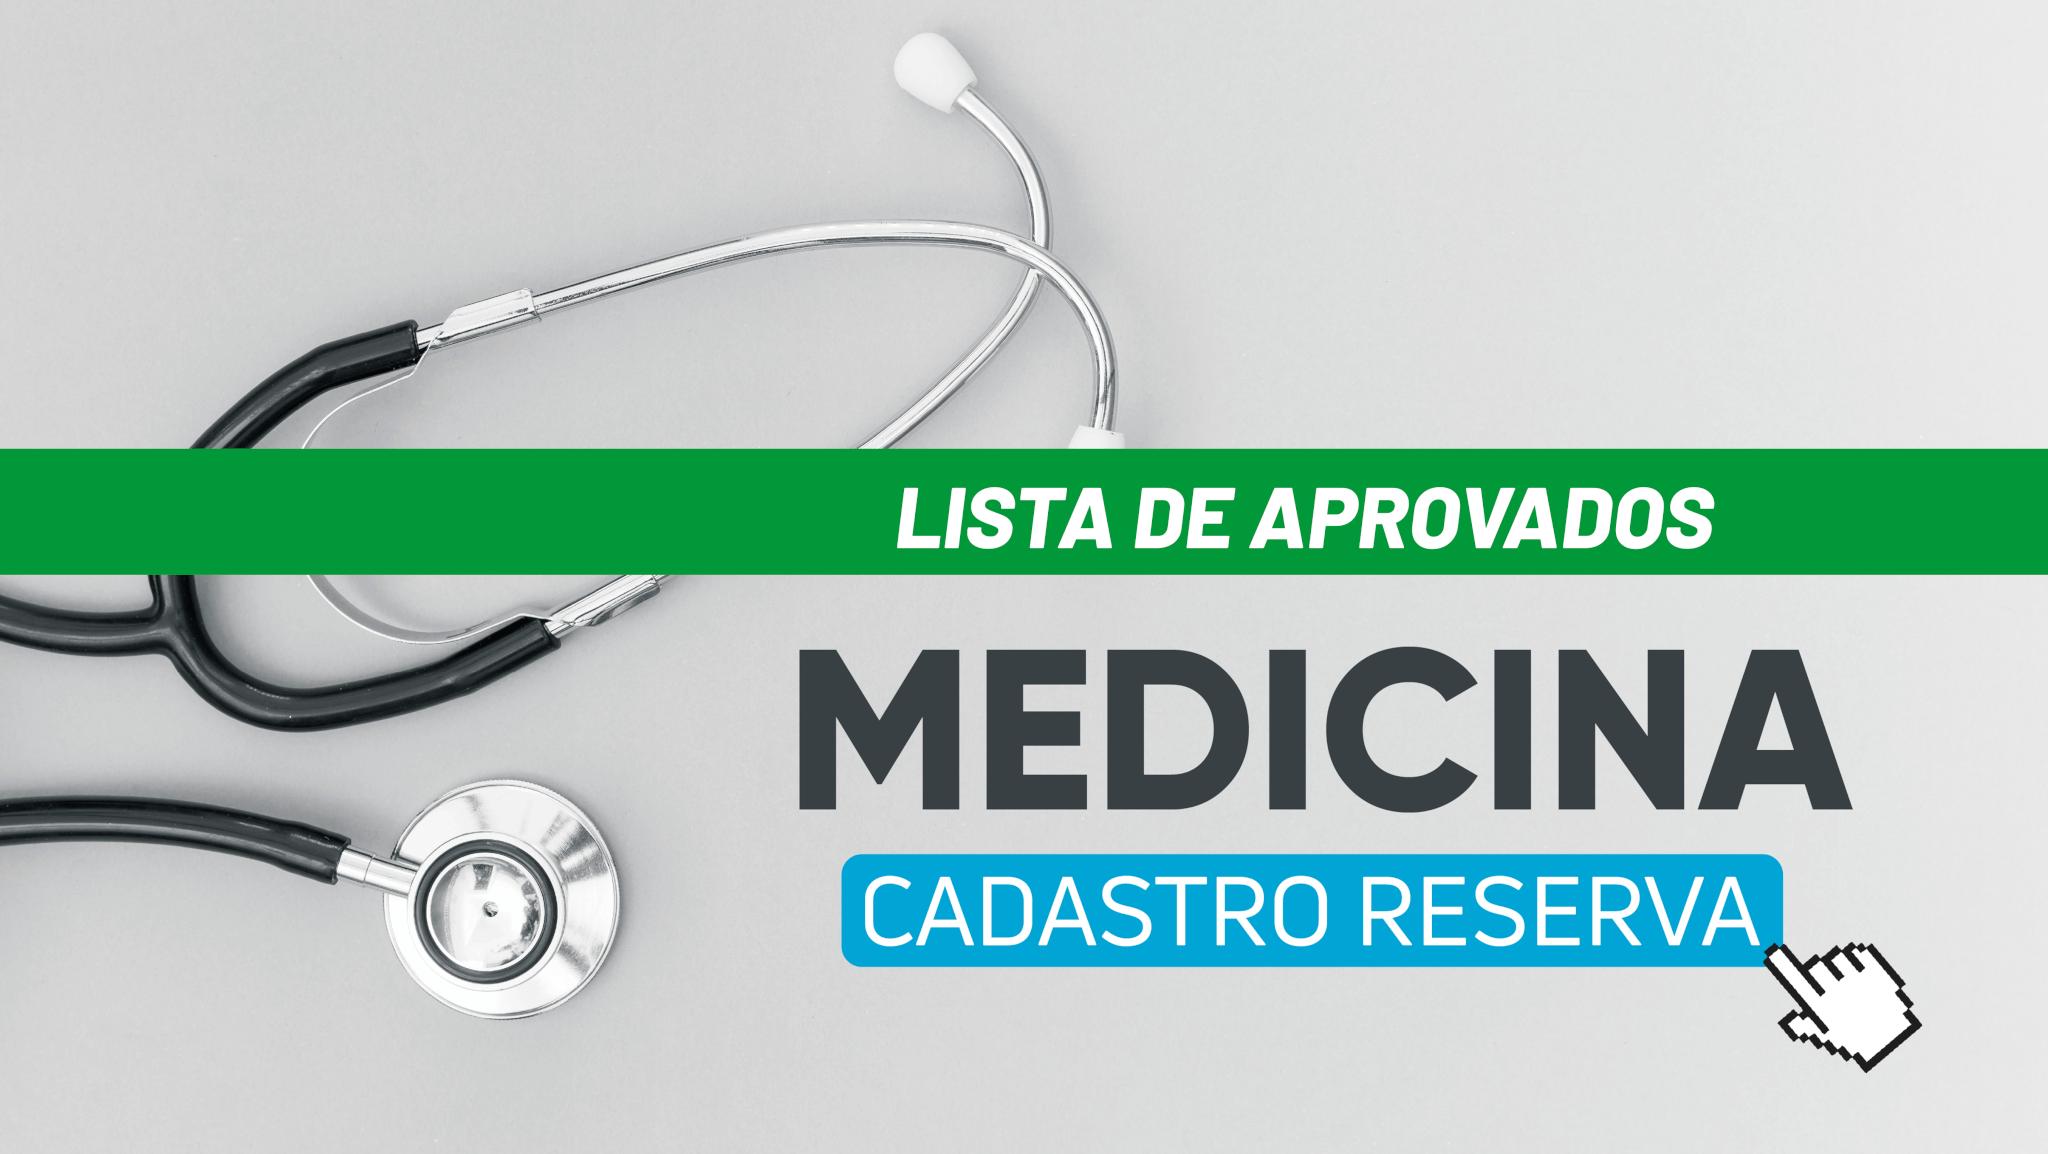 Banner site lista de aprovados cadastro reserva medicina mobile